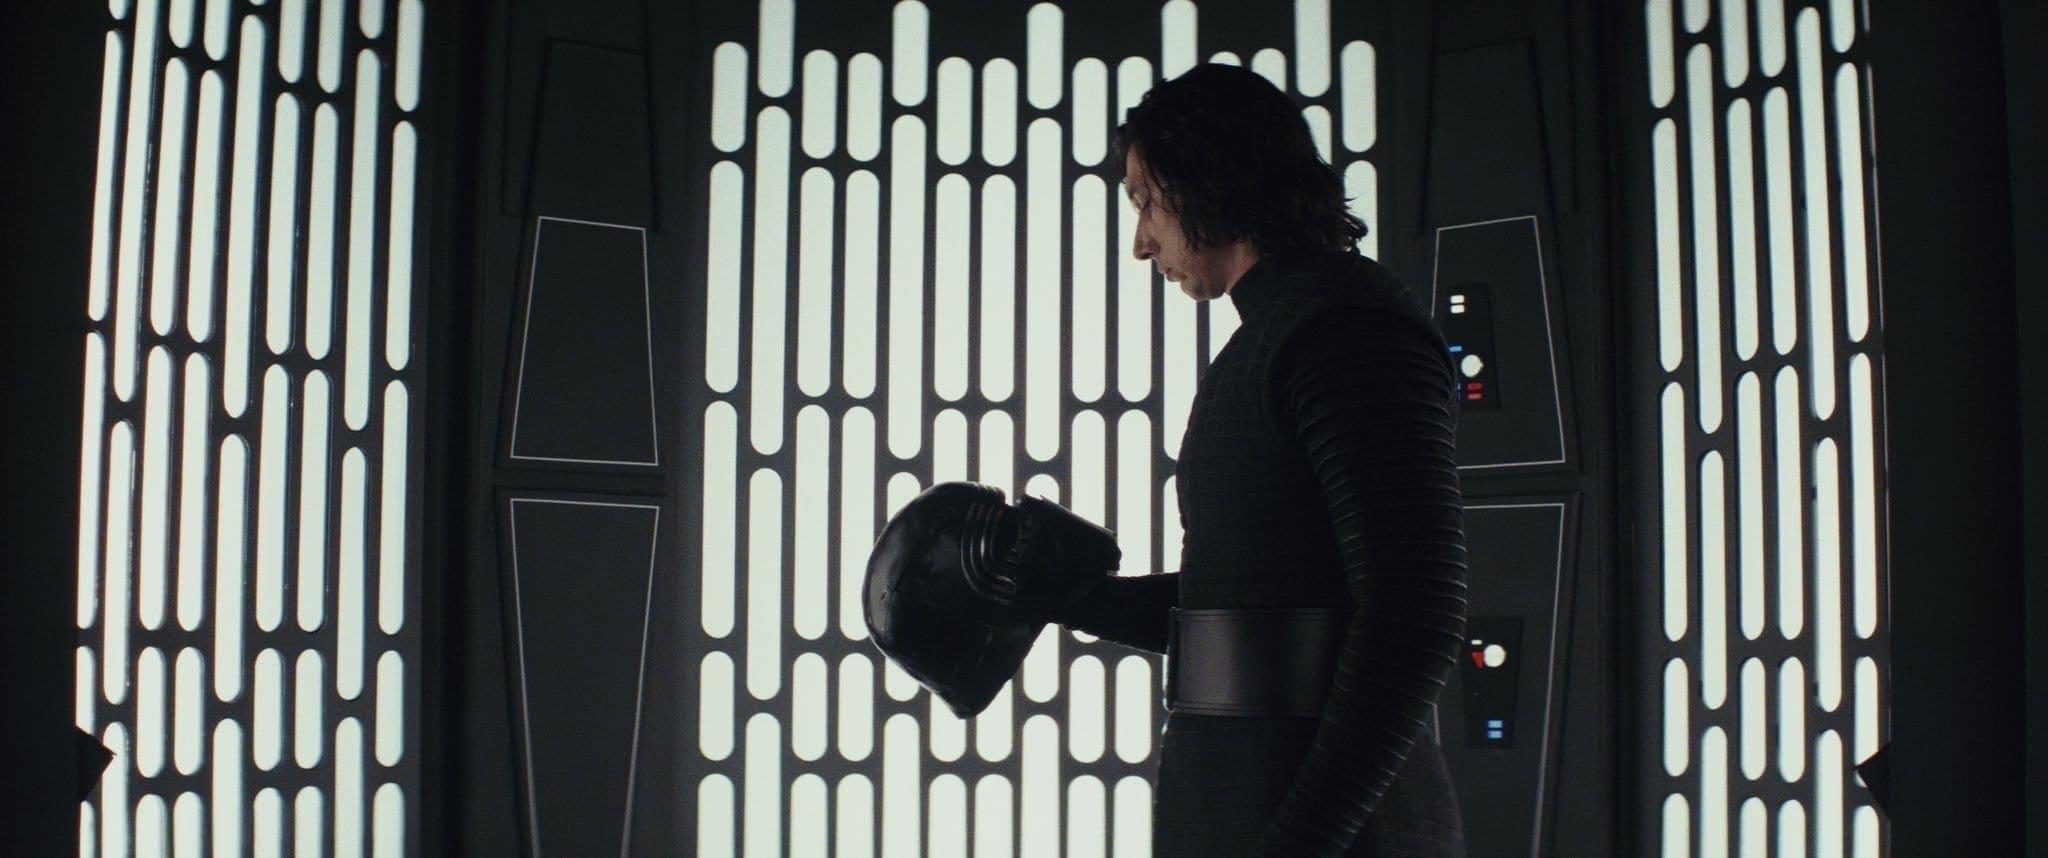 Star Wars: The Last Jedi..Kylo Ren (Adam Driver)..Photo: Lucasfilm Ltd. ..© 2017 Lucasfilm Ltd. All Rights Reserved.